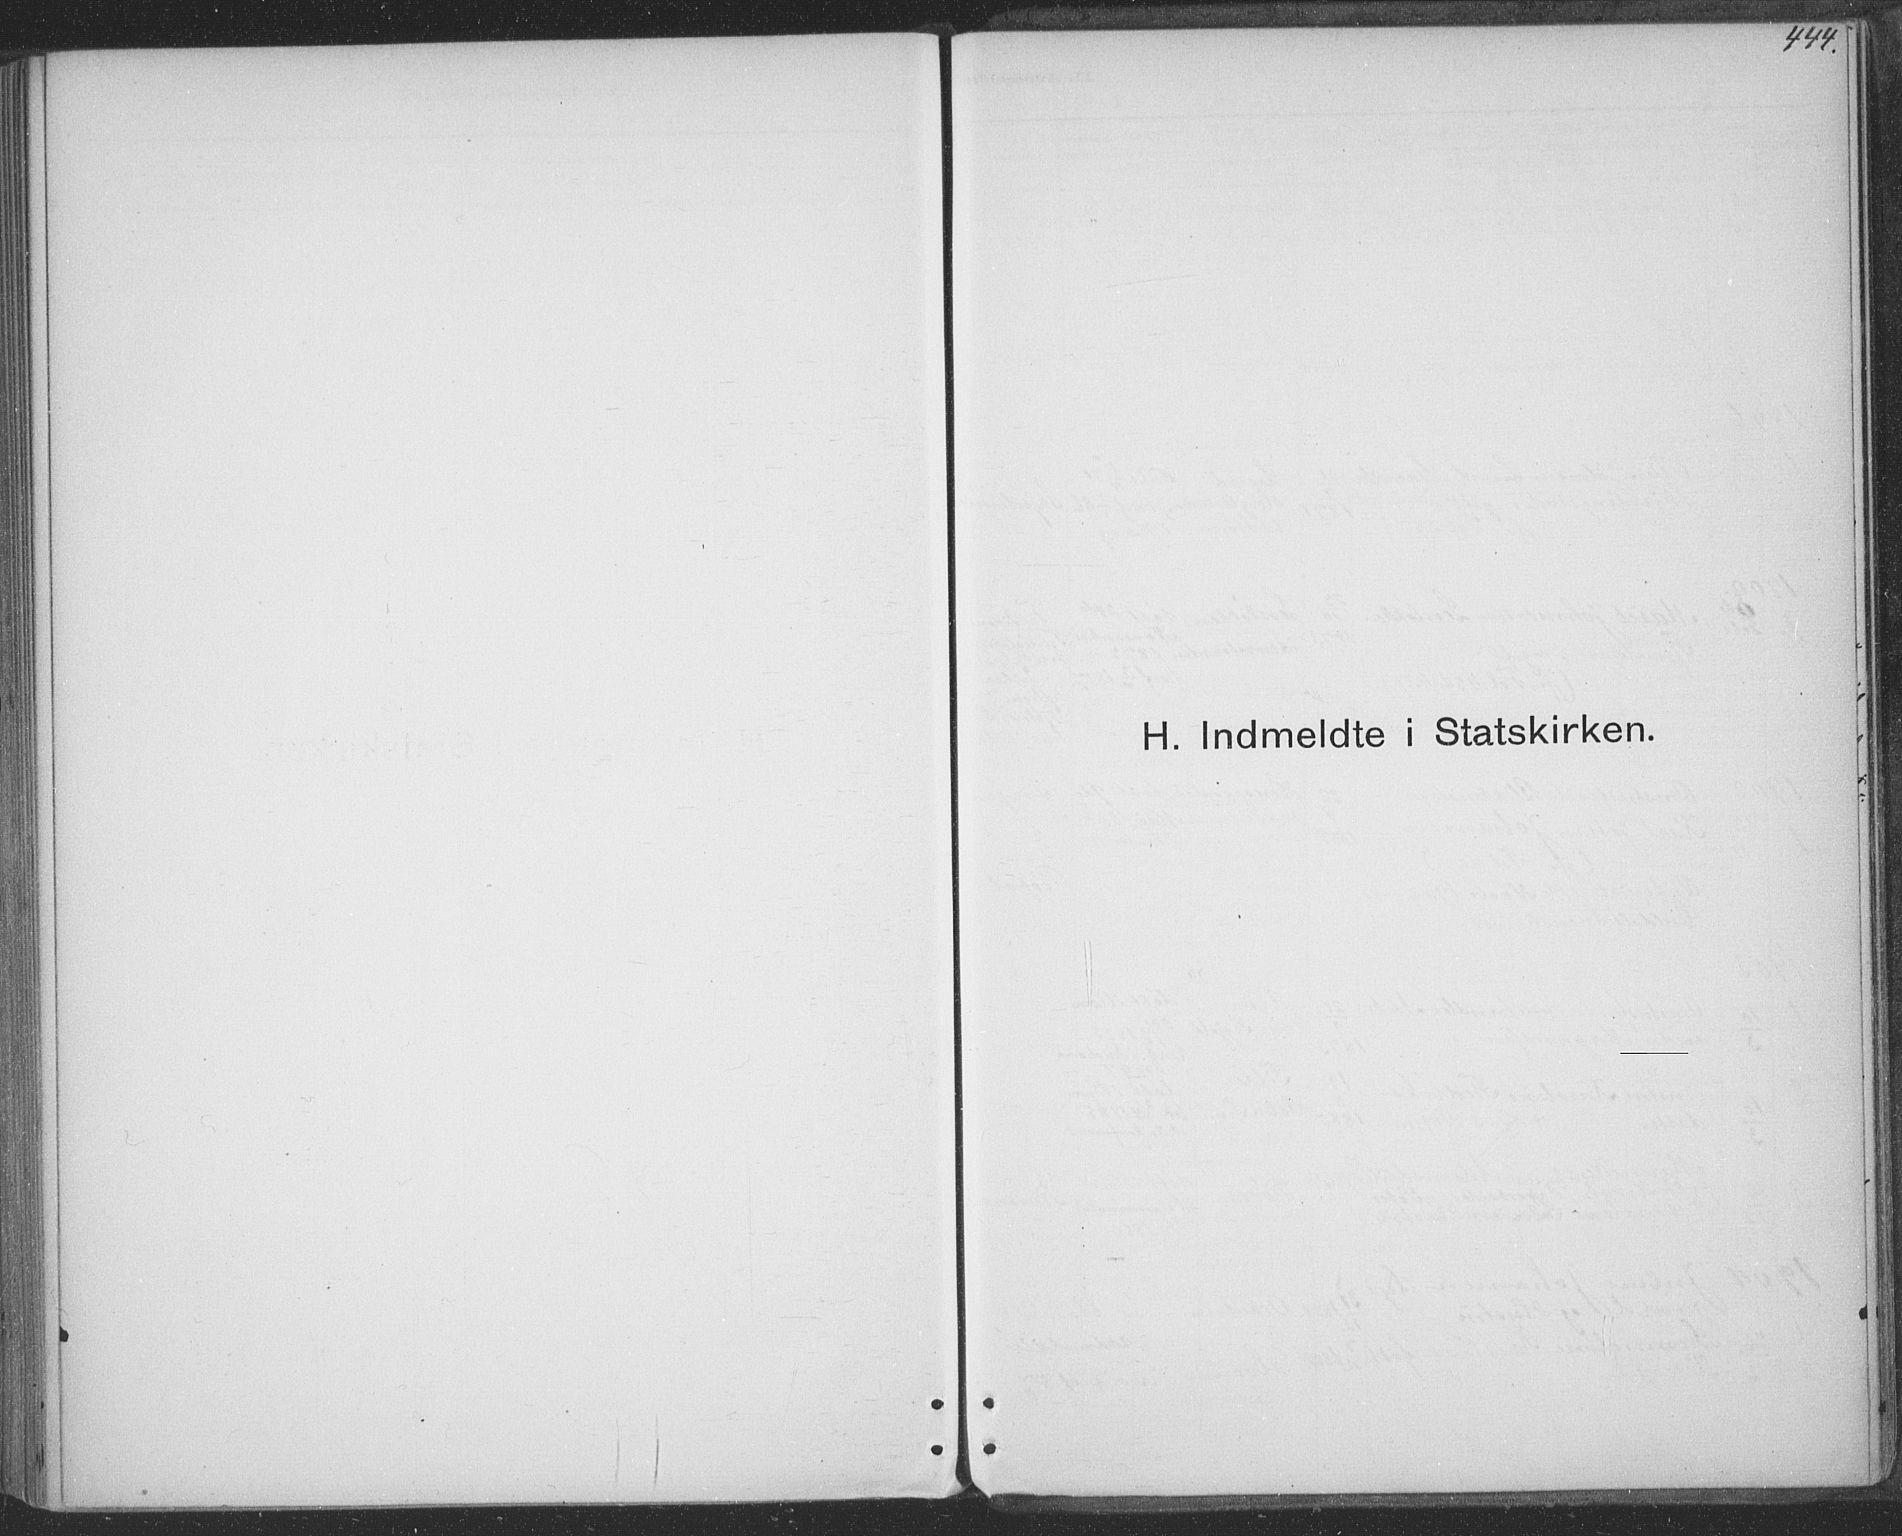 SAT, Ministerialprotokoller, klokkerbøker og fødselsregistre - Sør-Trøndelag, 691/L1085: Ministerialbok nr. 691A17, 1887-1908, s. 444